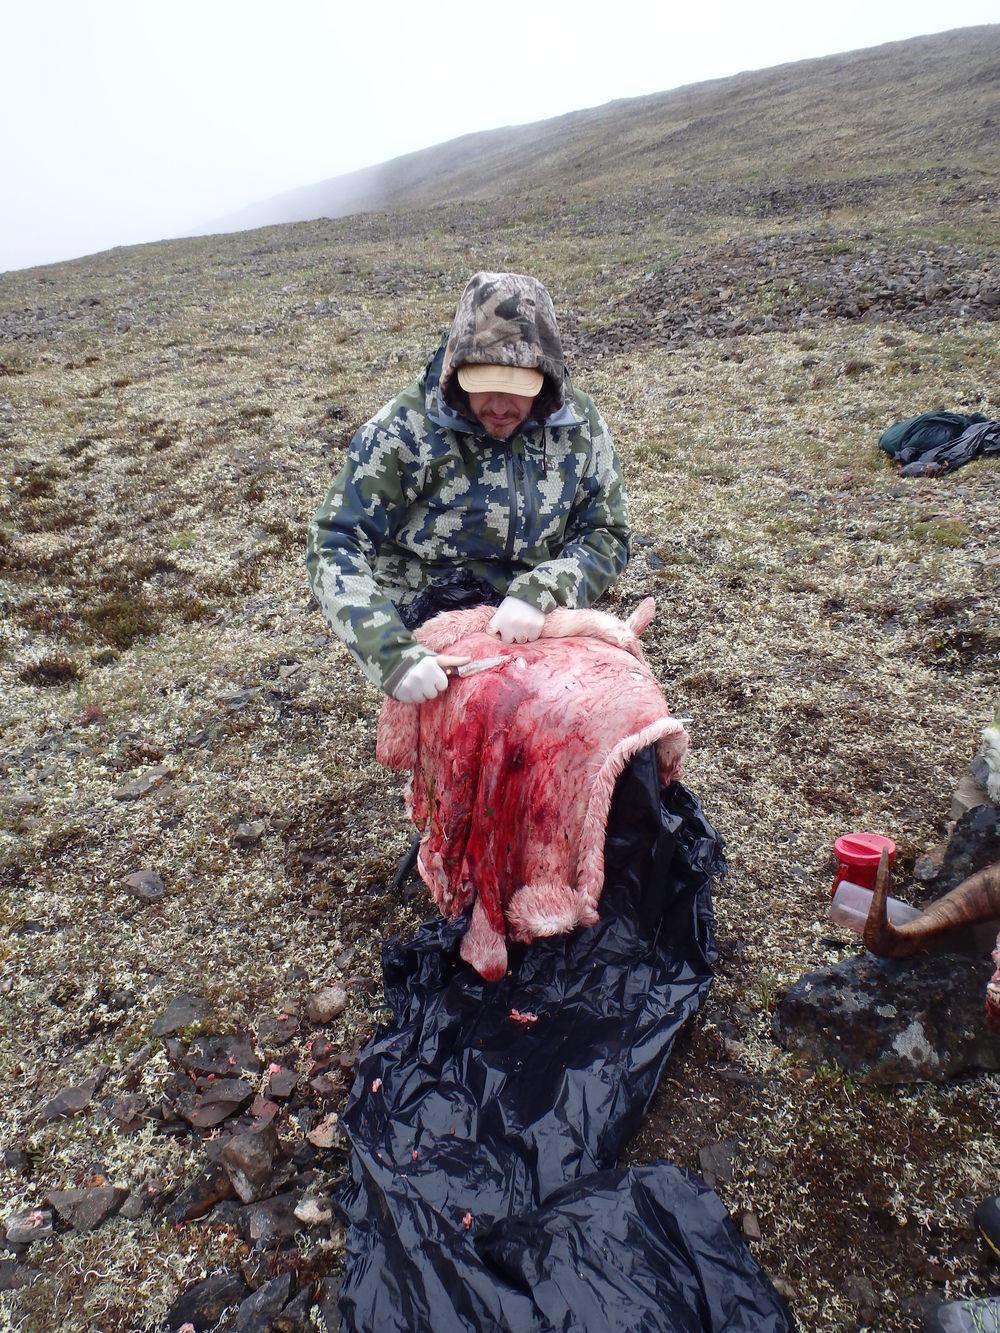 Проводник выскабливает шкуру барана